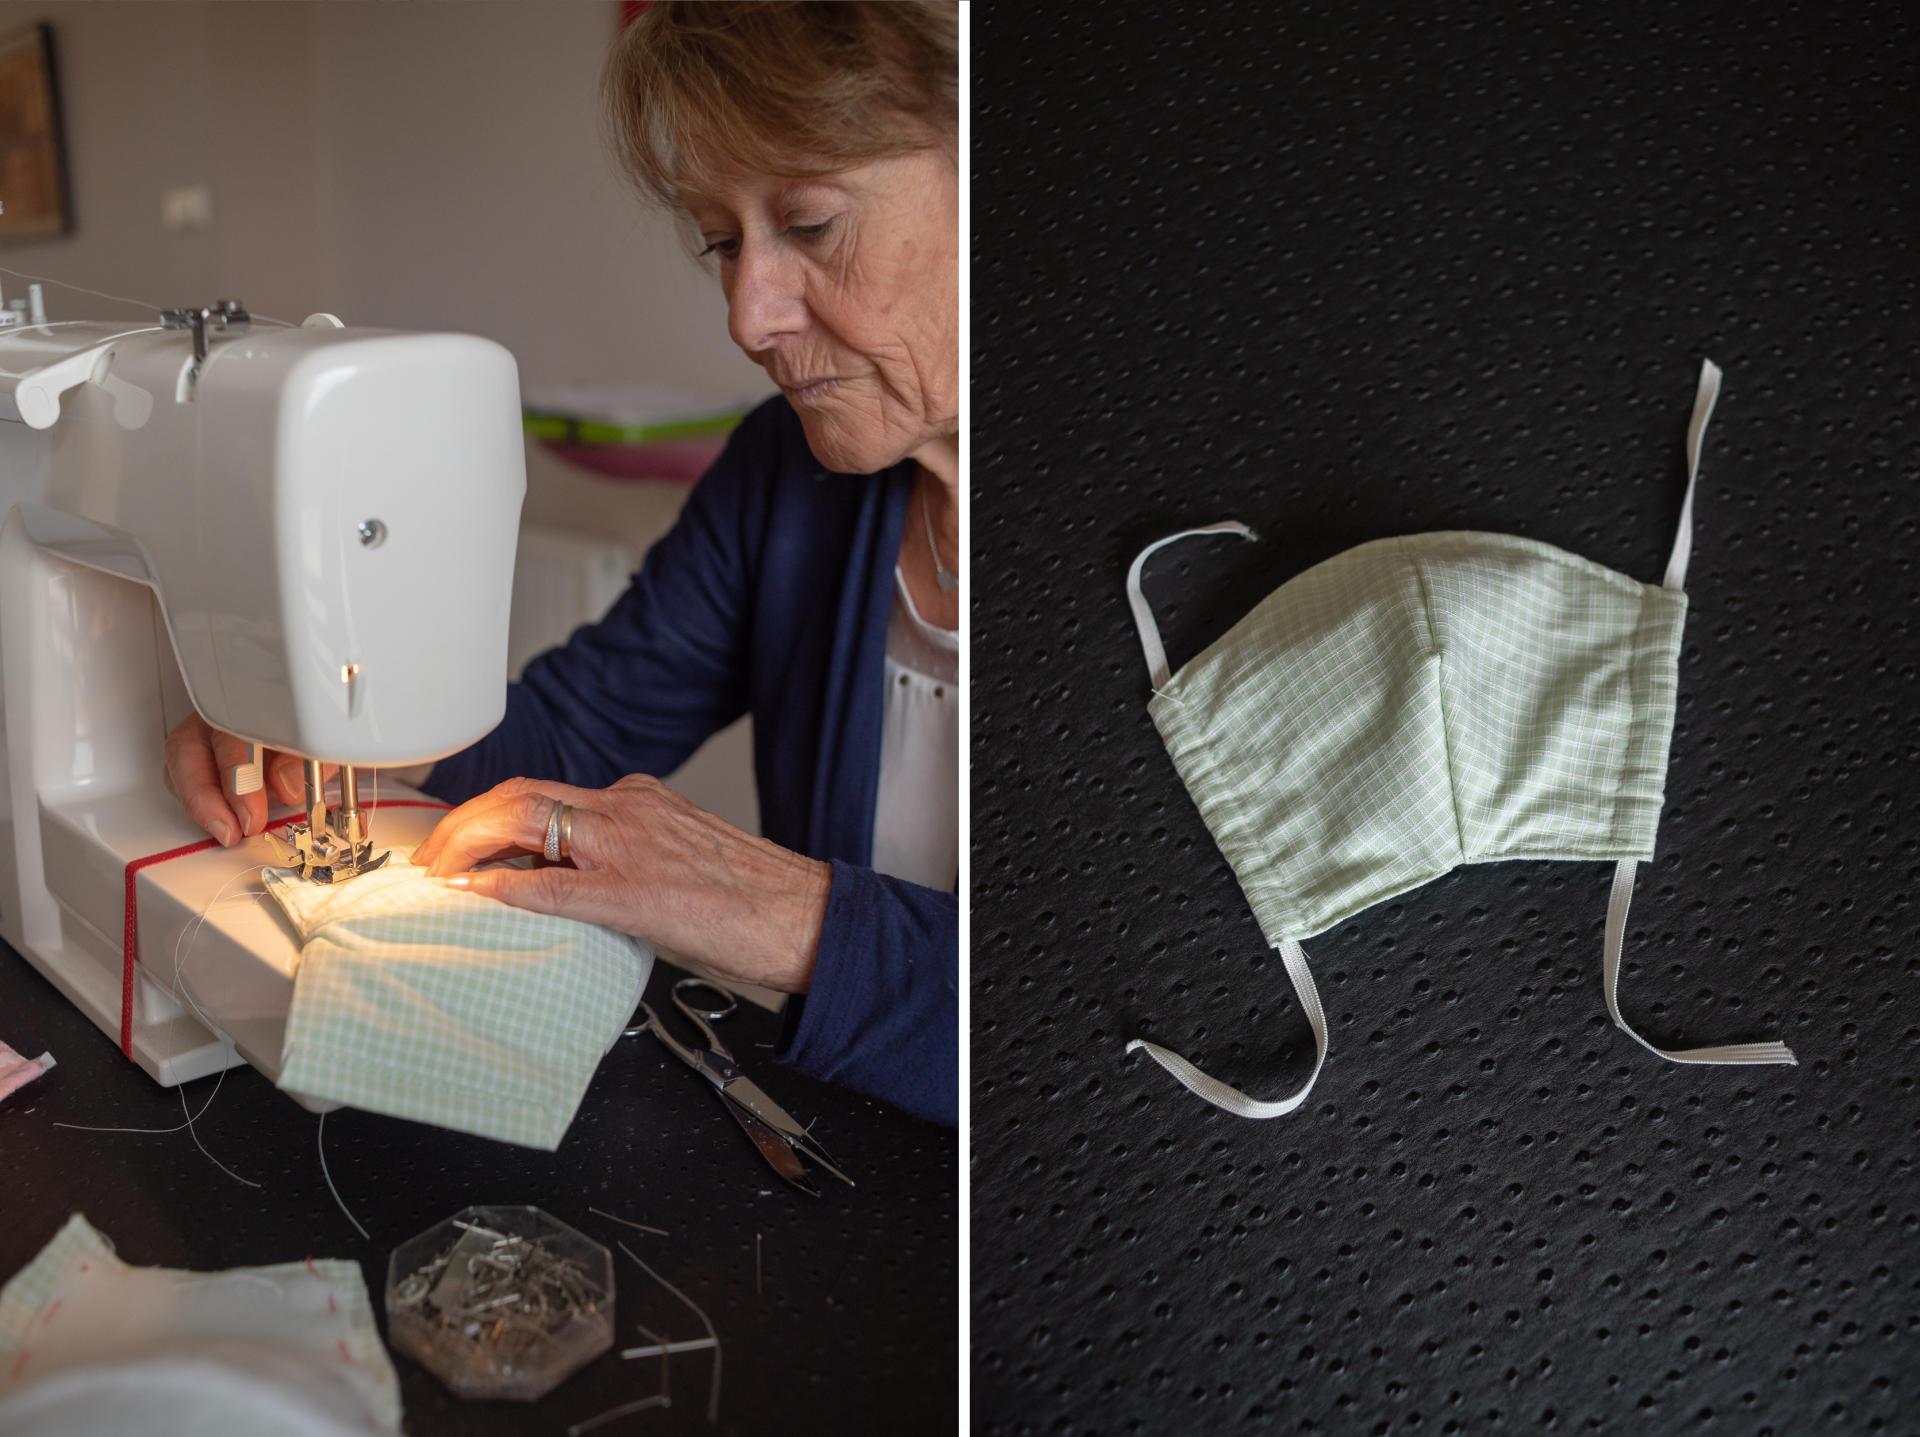 Annie Cam, retraitée, fabrique des masques selon le protocole du CHU de Grenoble. Le 28 mars, elle en avait déjà fait plus de 50 pour l'Ehpad du Conquet, les cabinets médicaux et la grande surface de Plougonvelin – Saint-Renan, le 27 mars.